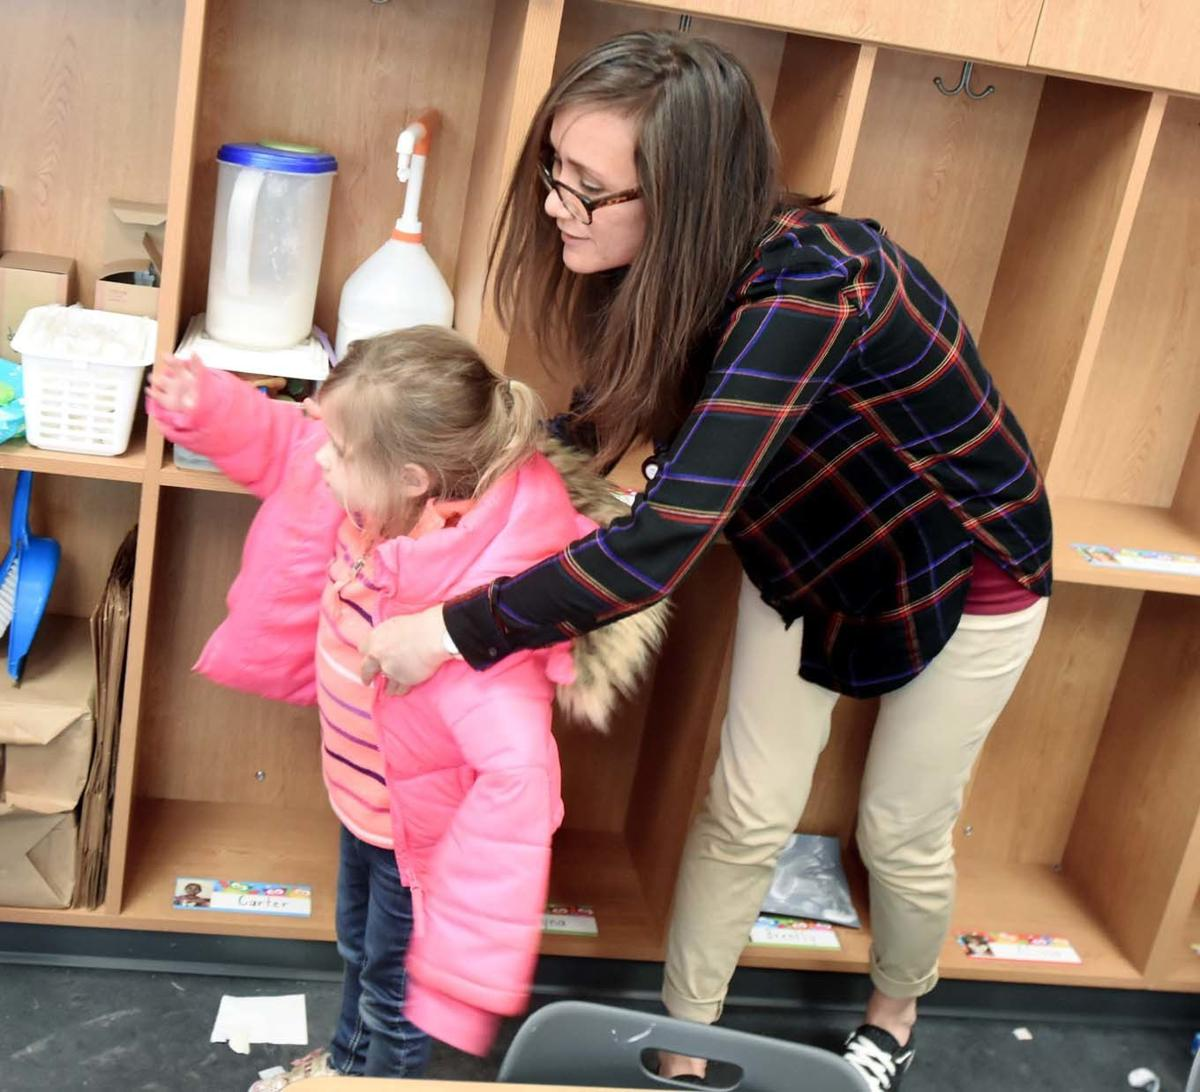 Preschools face budget cuts